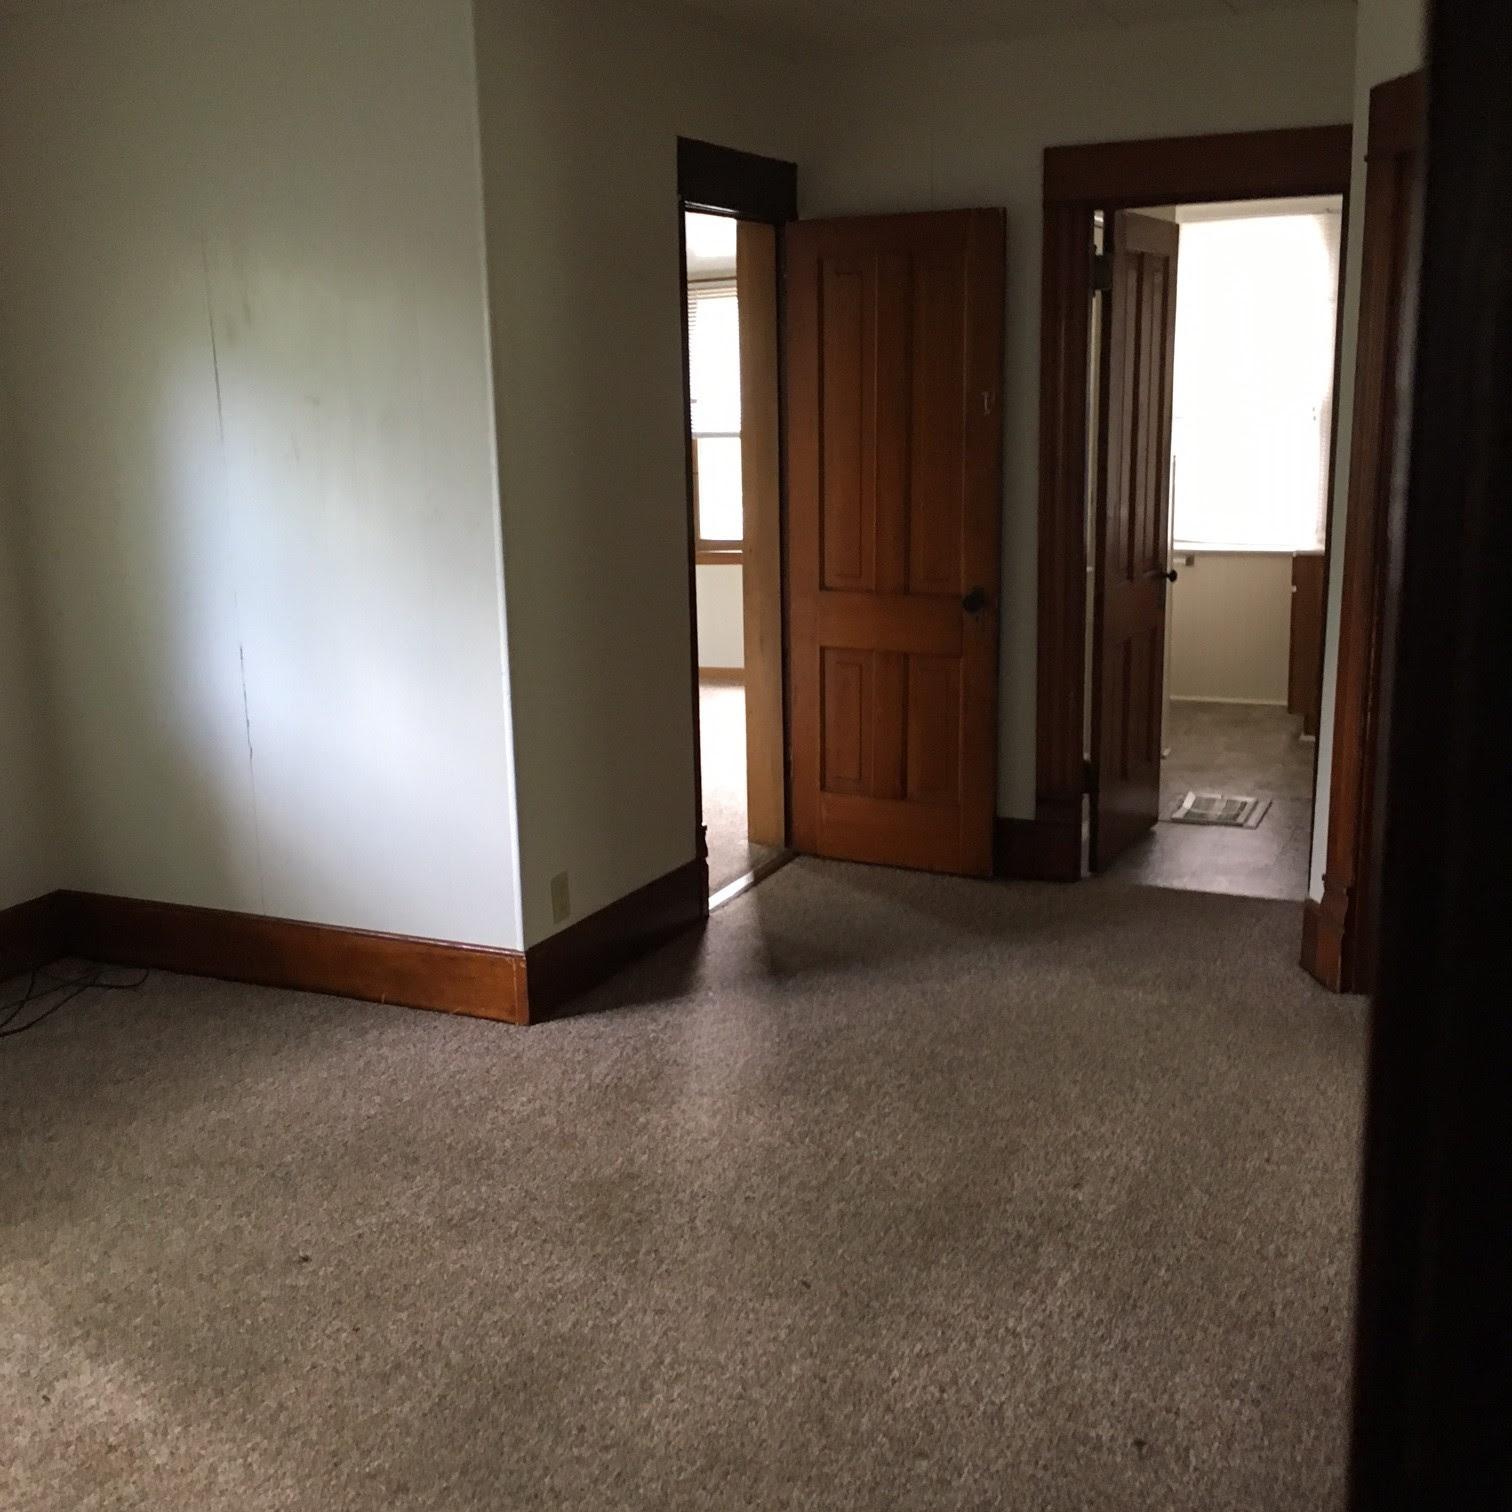 1 Bedroom Apartments In La Crosse Wi | Interior Design